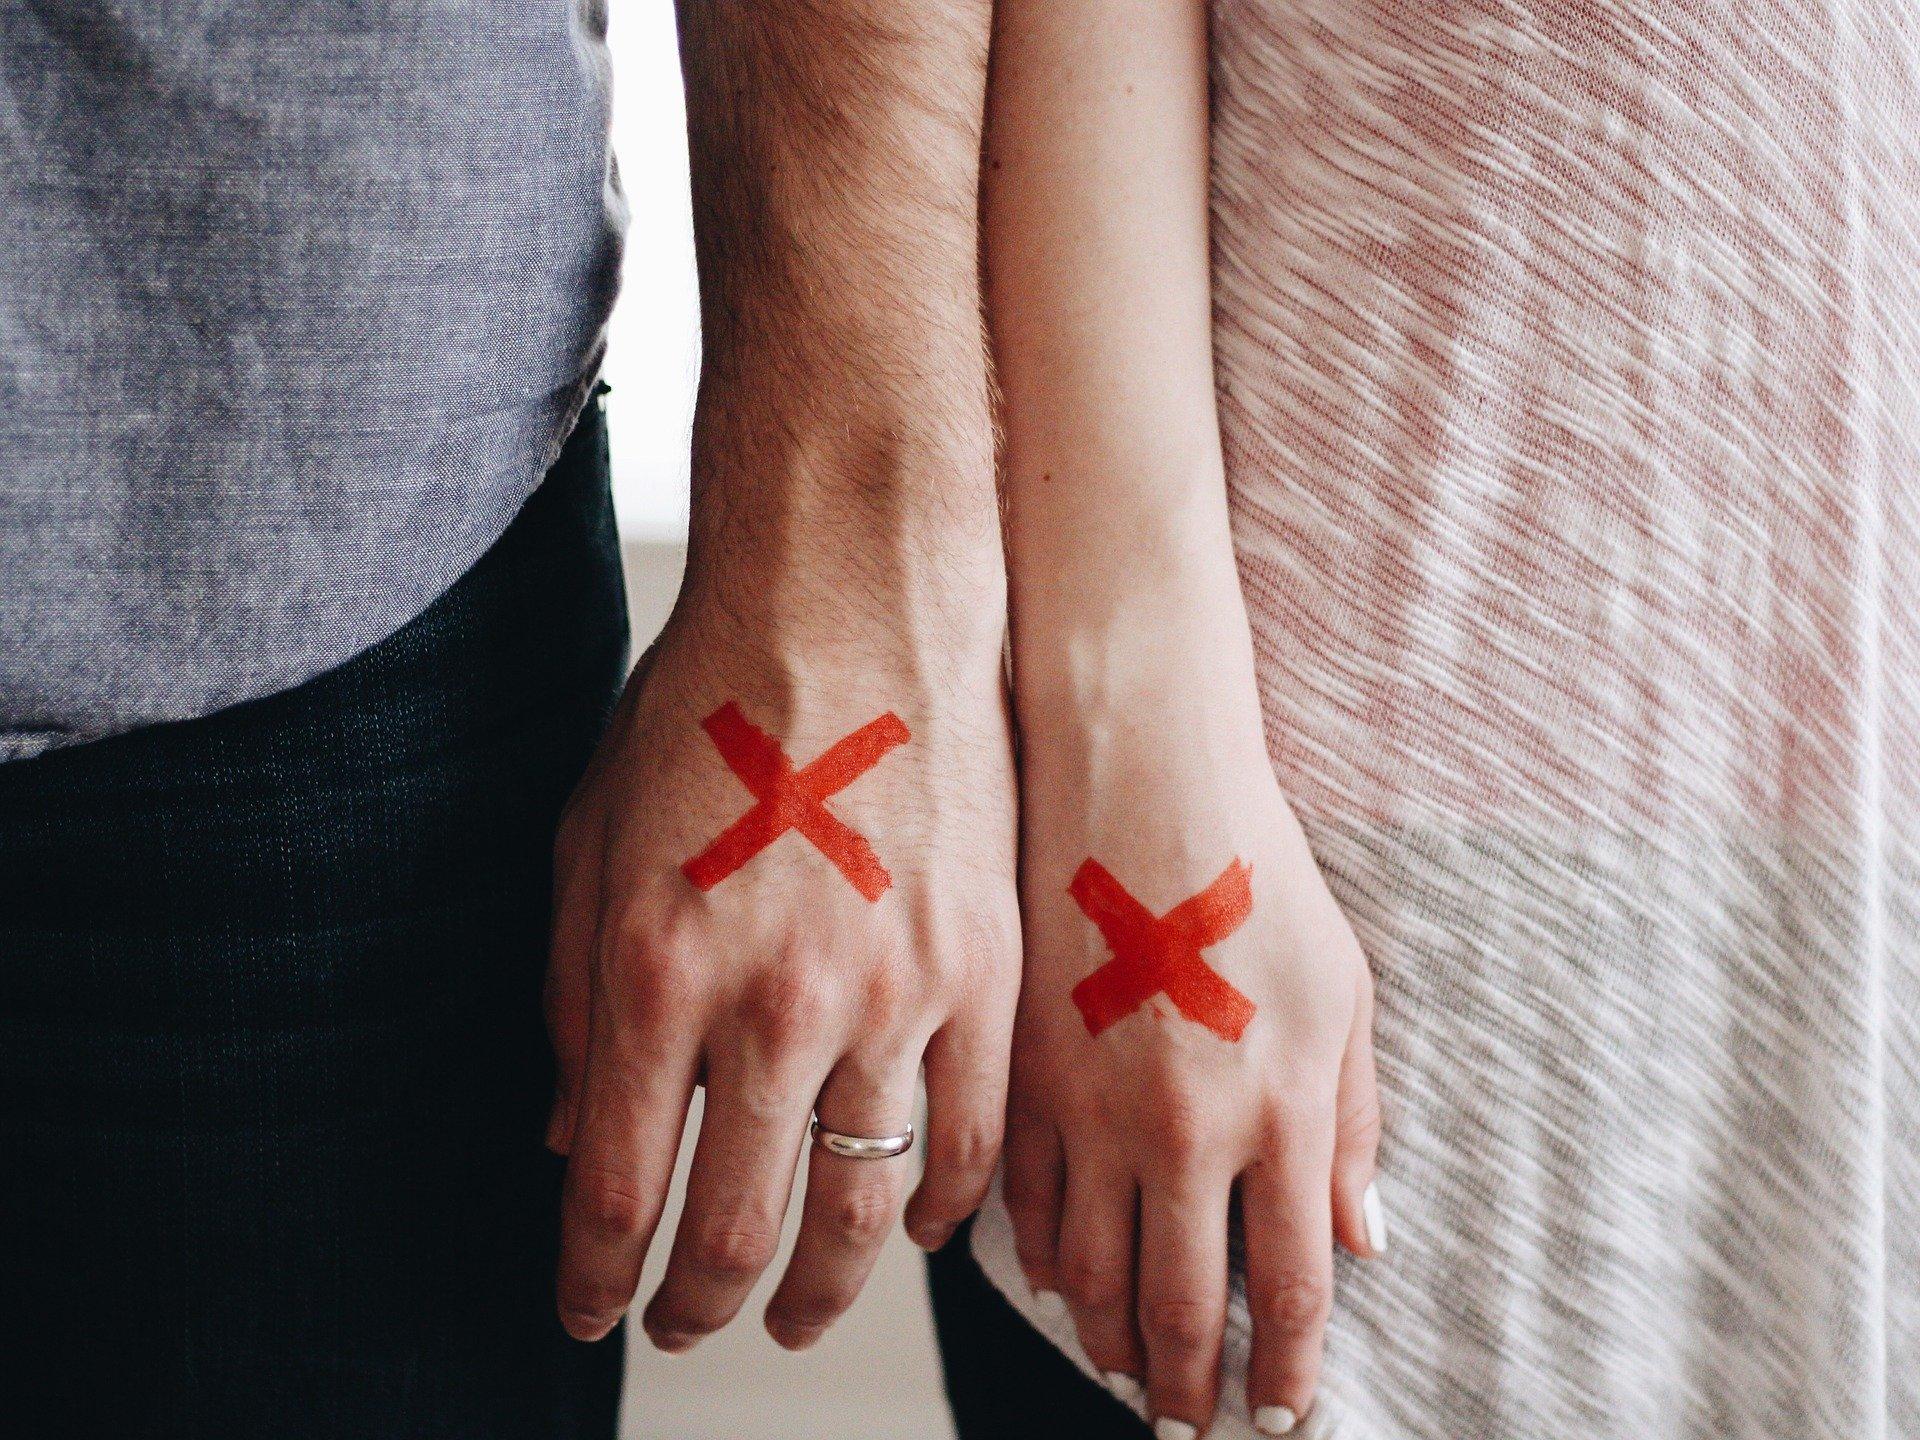 不倫で愛しているから別れる既婚者男性の心理・前兆・別れの言葉・別れたくない時の対処法